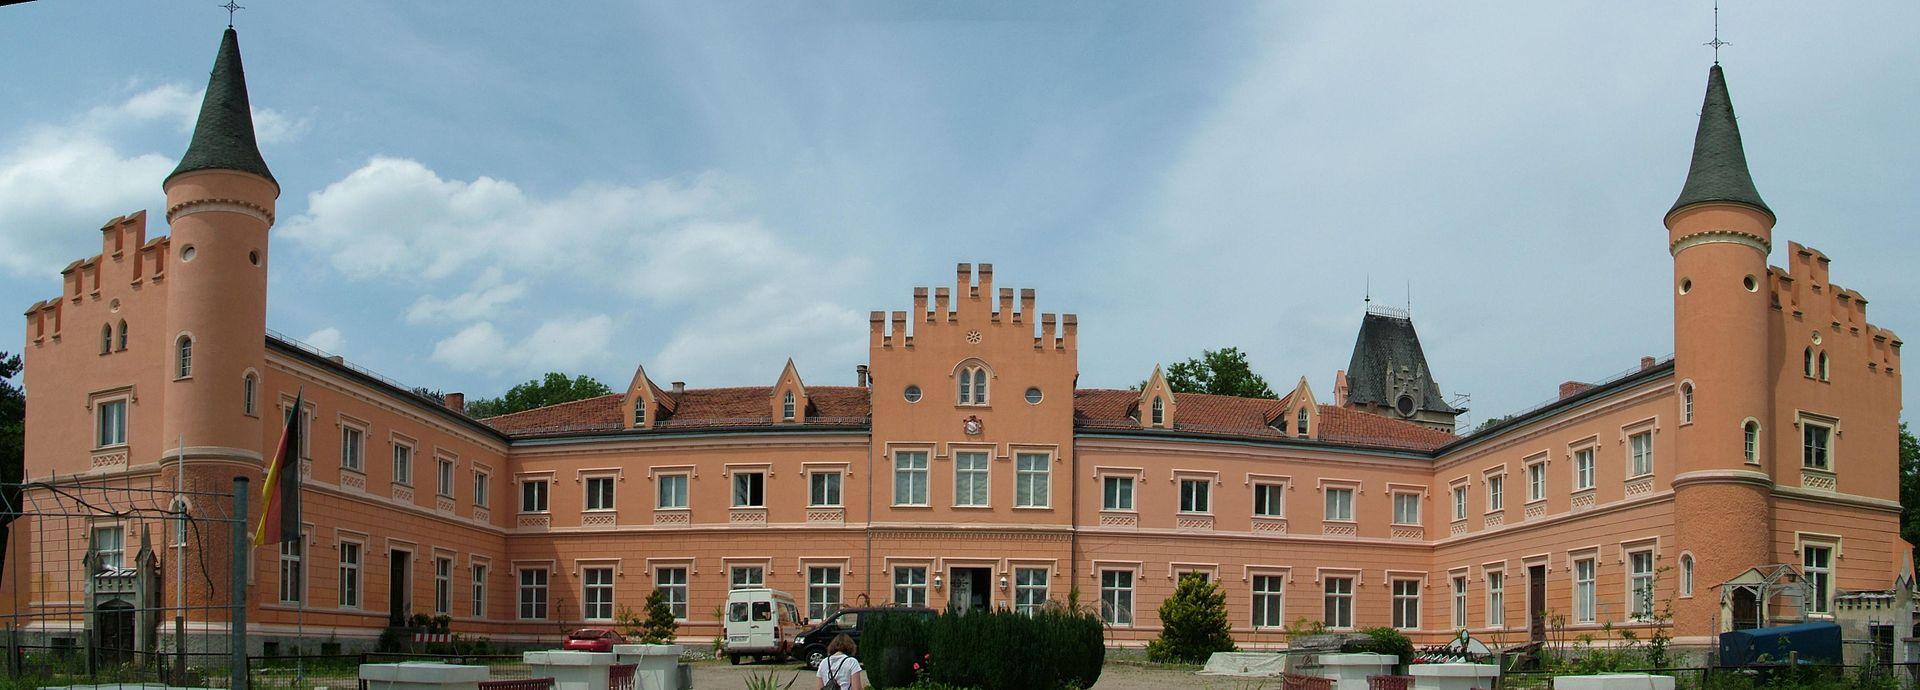 Bild Schloss Gusow